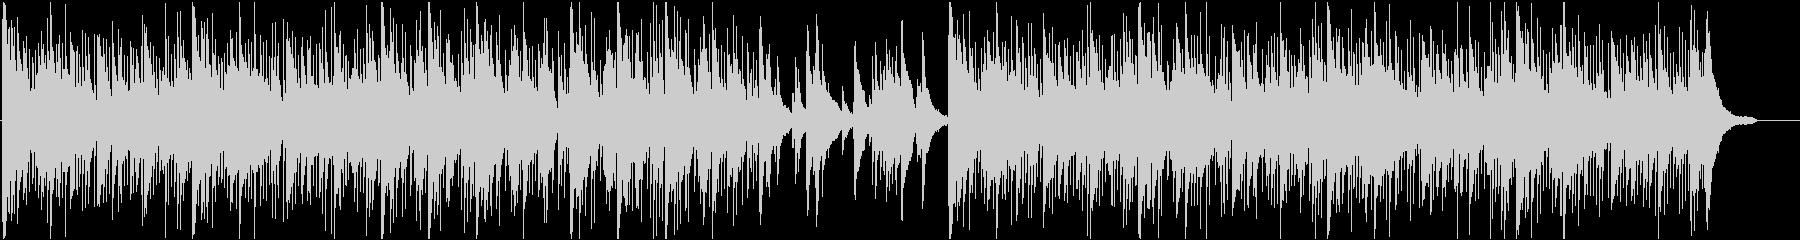 企業イメージPVなどにピアノ曲の未再生の波形